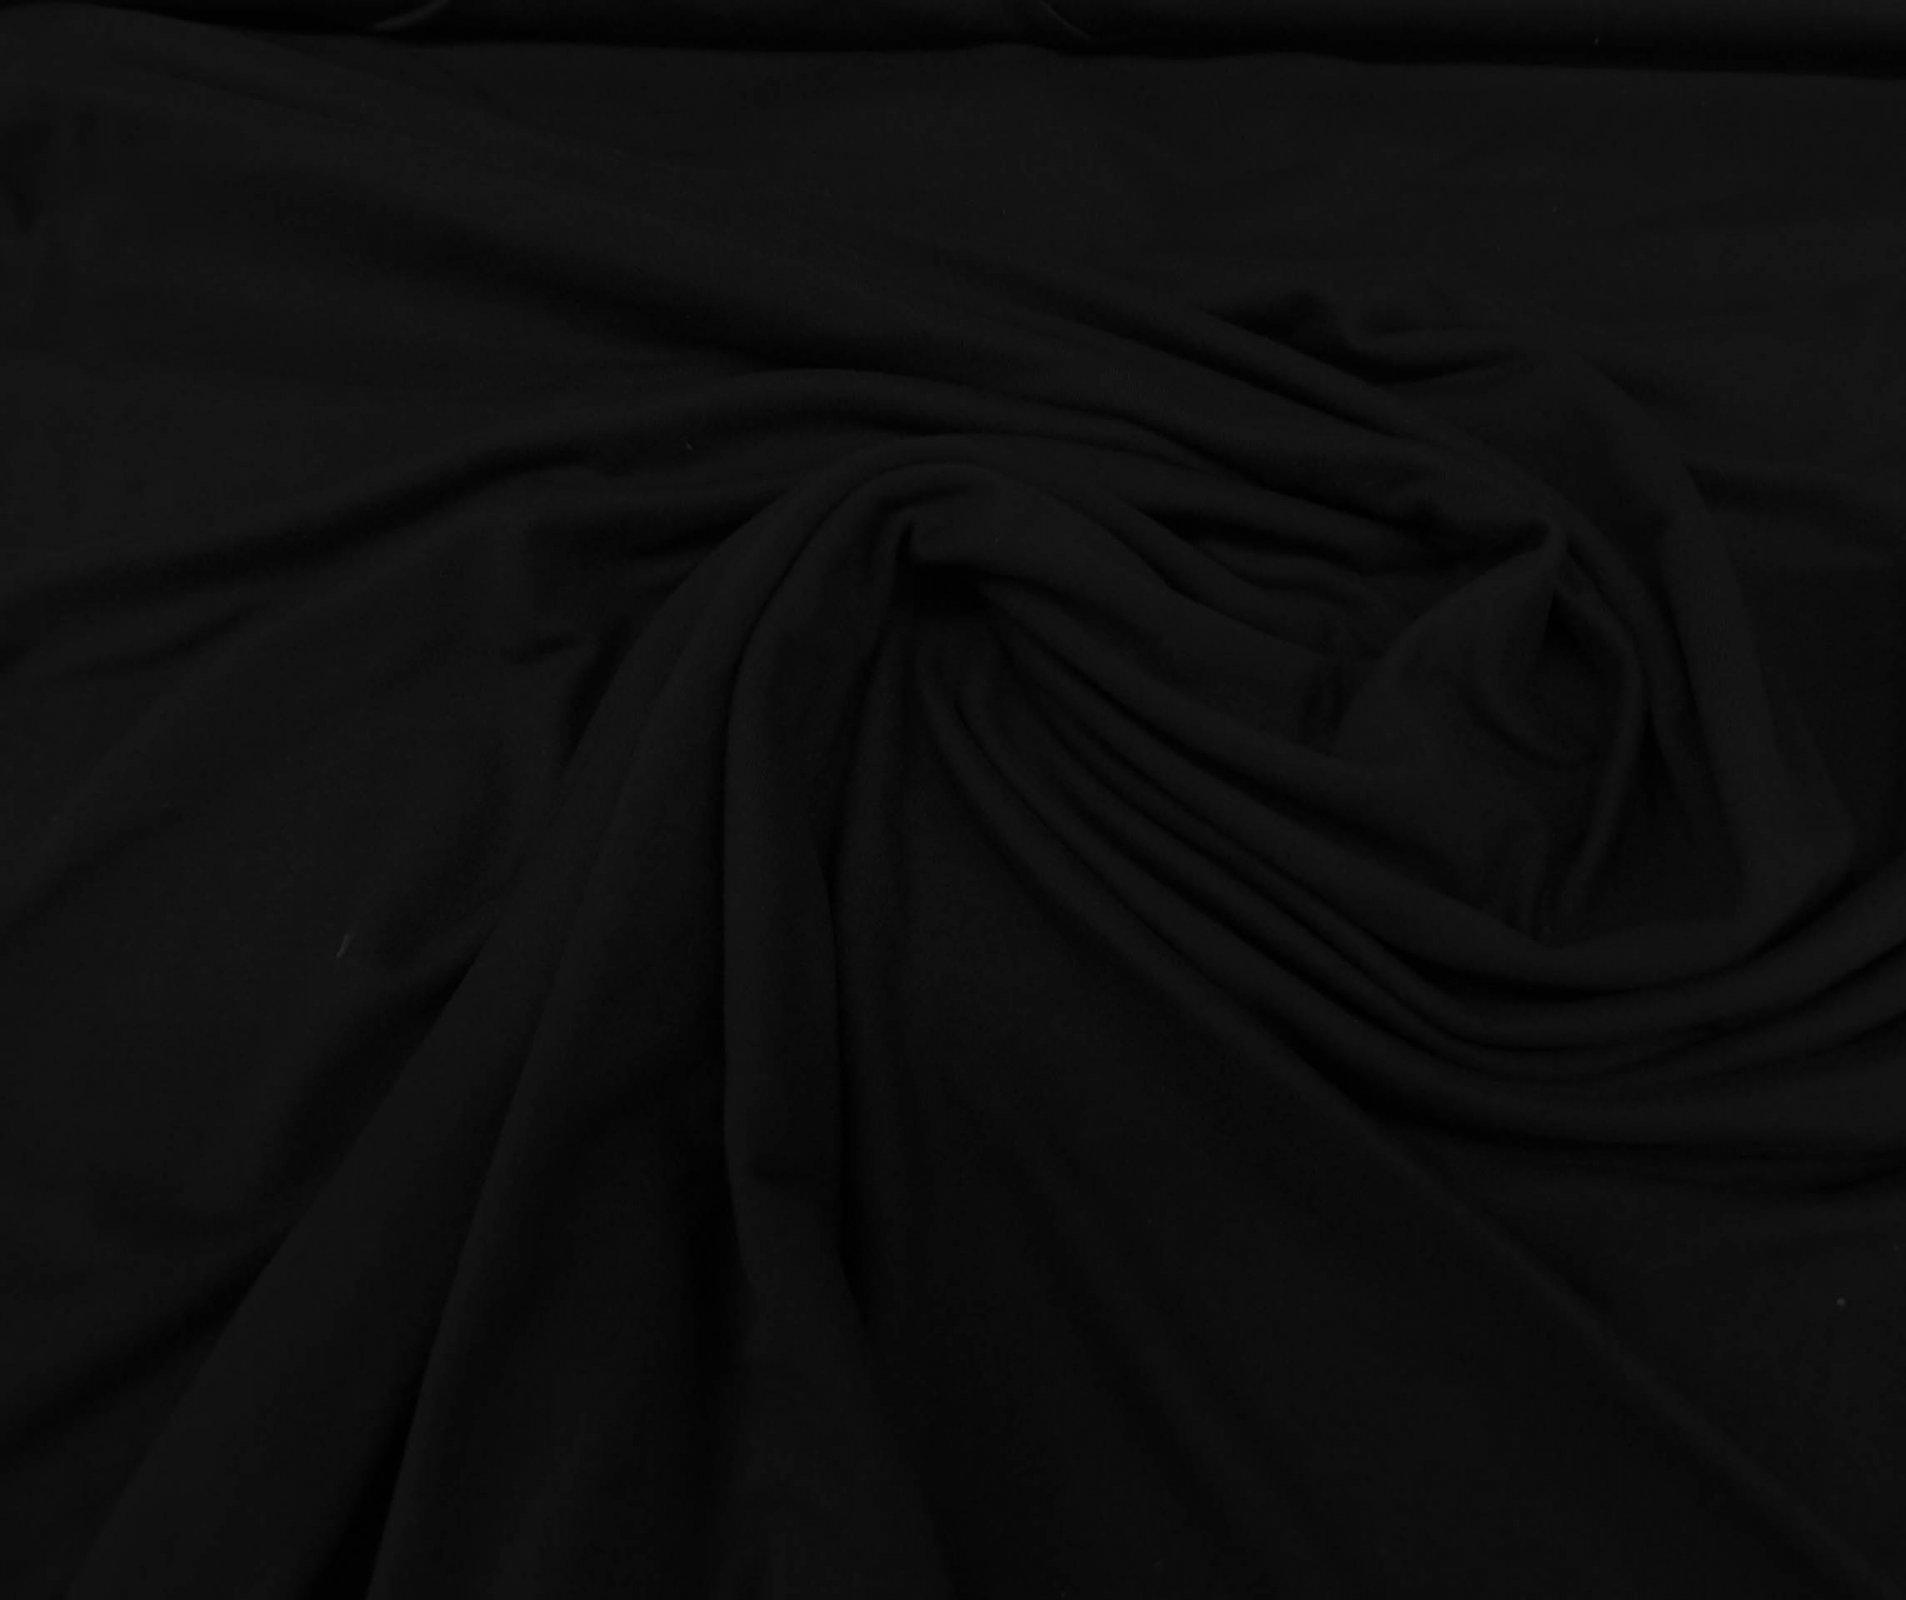 Milana (DBP) - Black